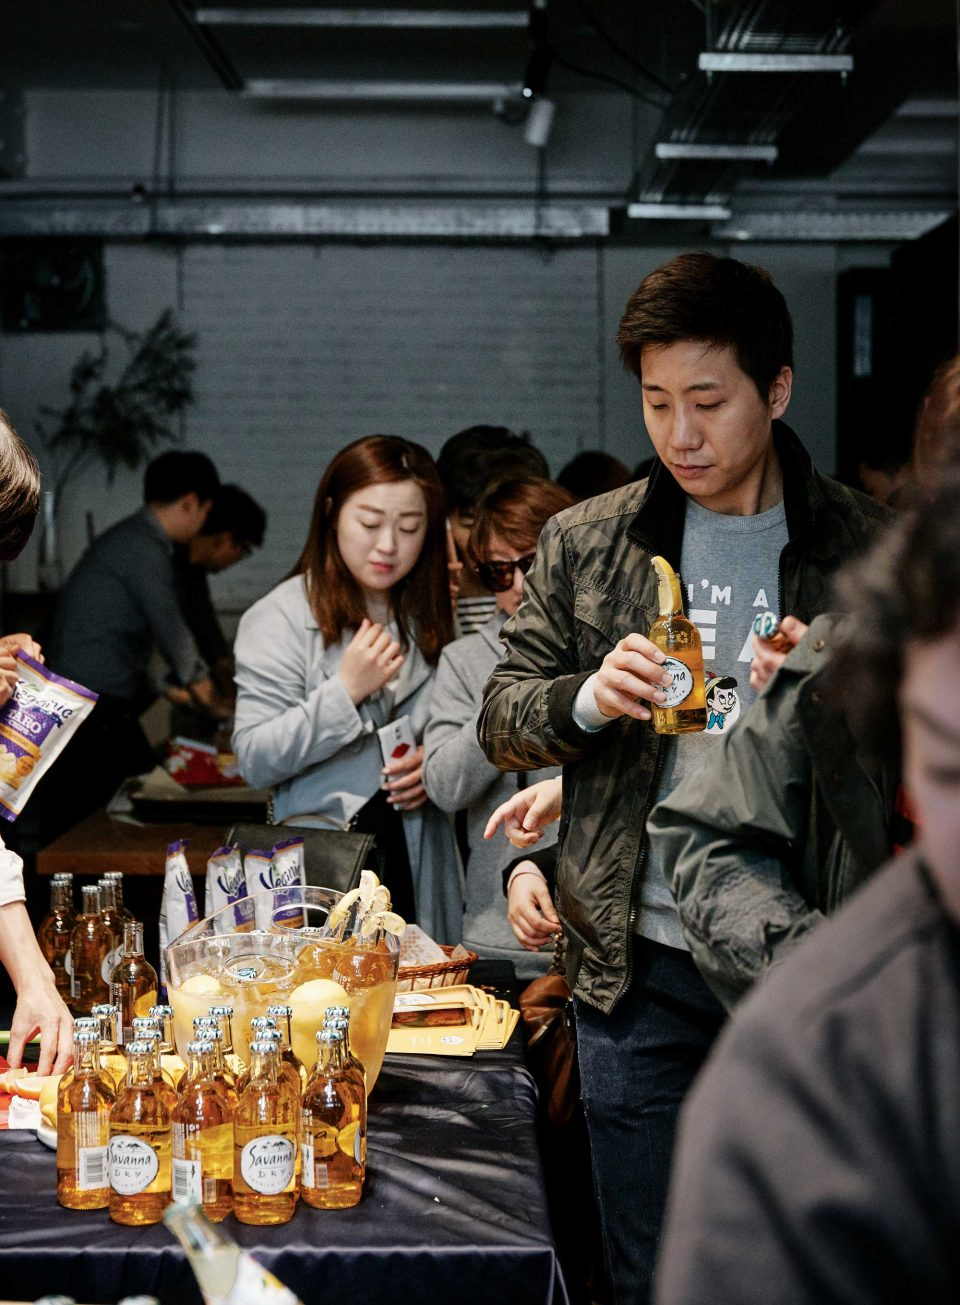 차갑게 칠링한 병에 레몬 한 조각을 꽂아 신선한 사과 향과 시트러스 향이 감도는 애플사이더 드라이사바나도 즐길 수 있었다. © 양성모